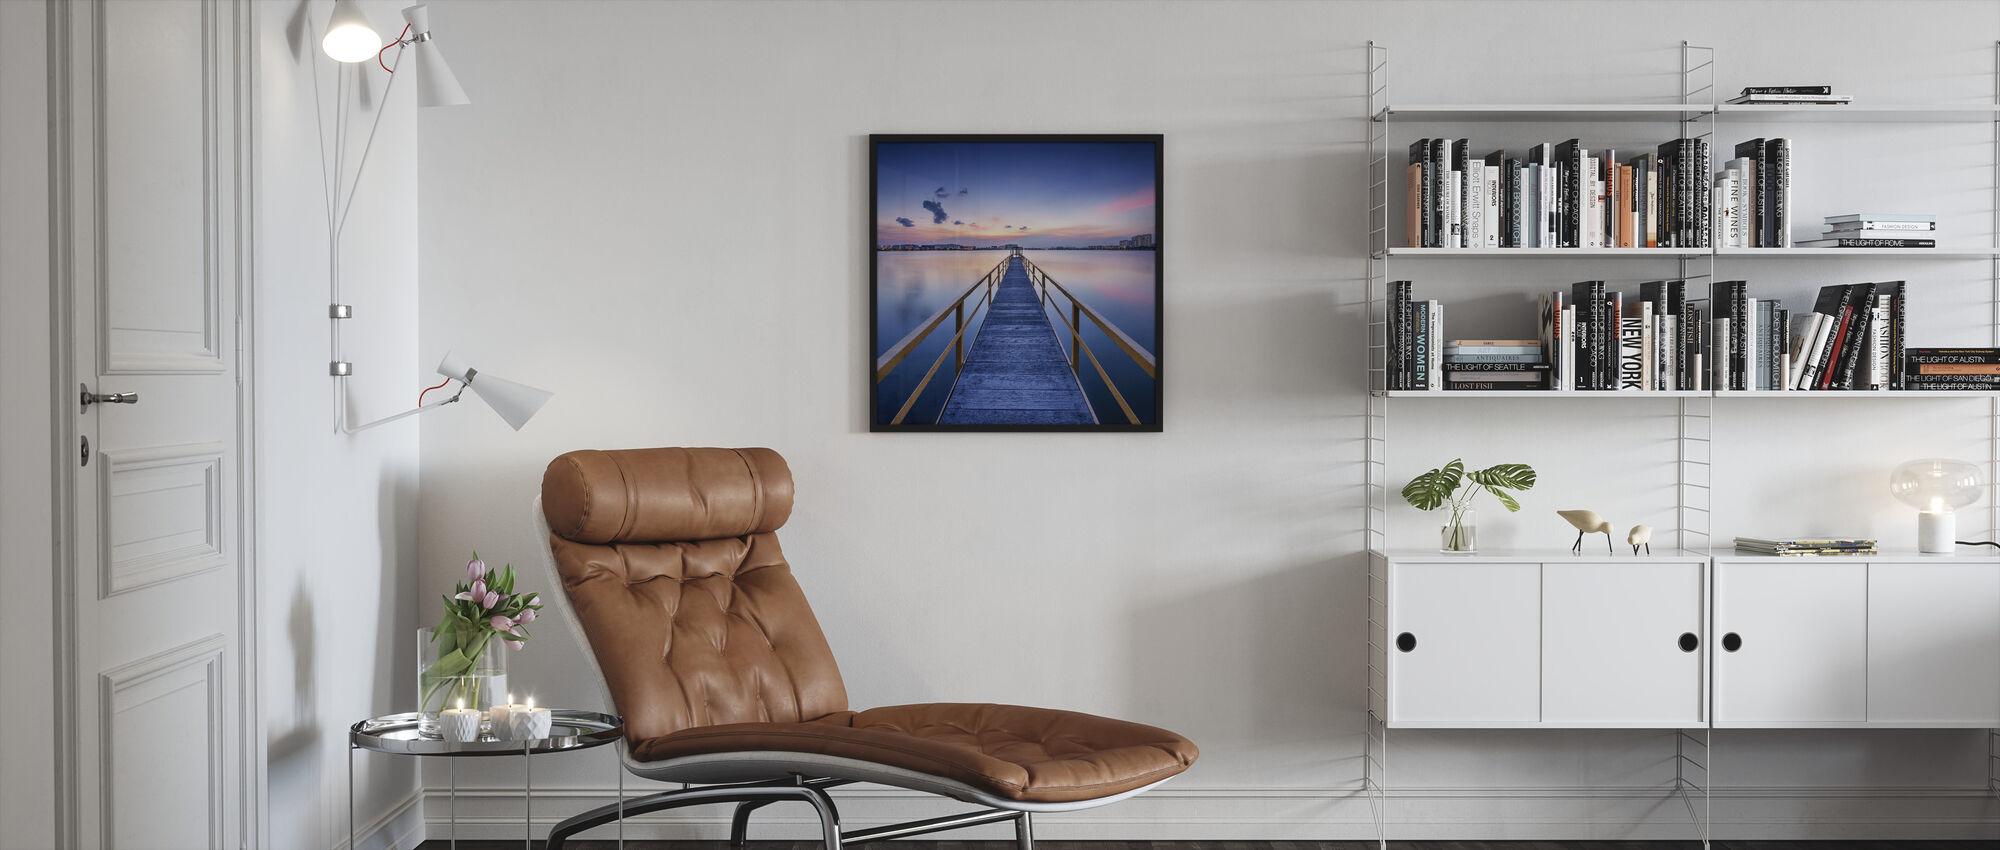 Rosy Sunset Pier - Gerahmtes bild - Wohnzimmer